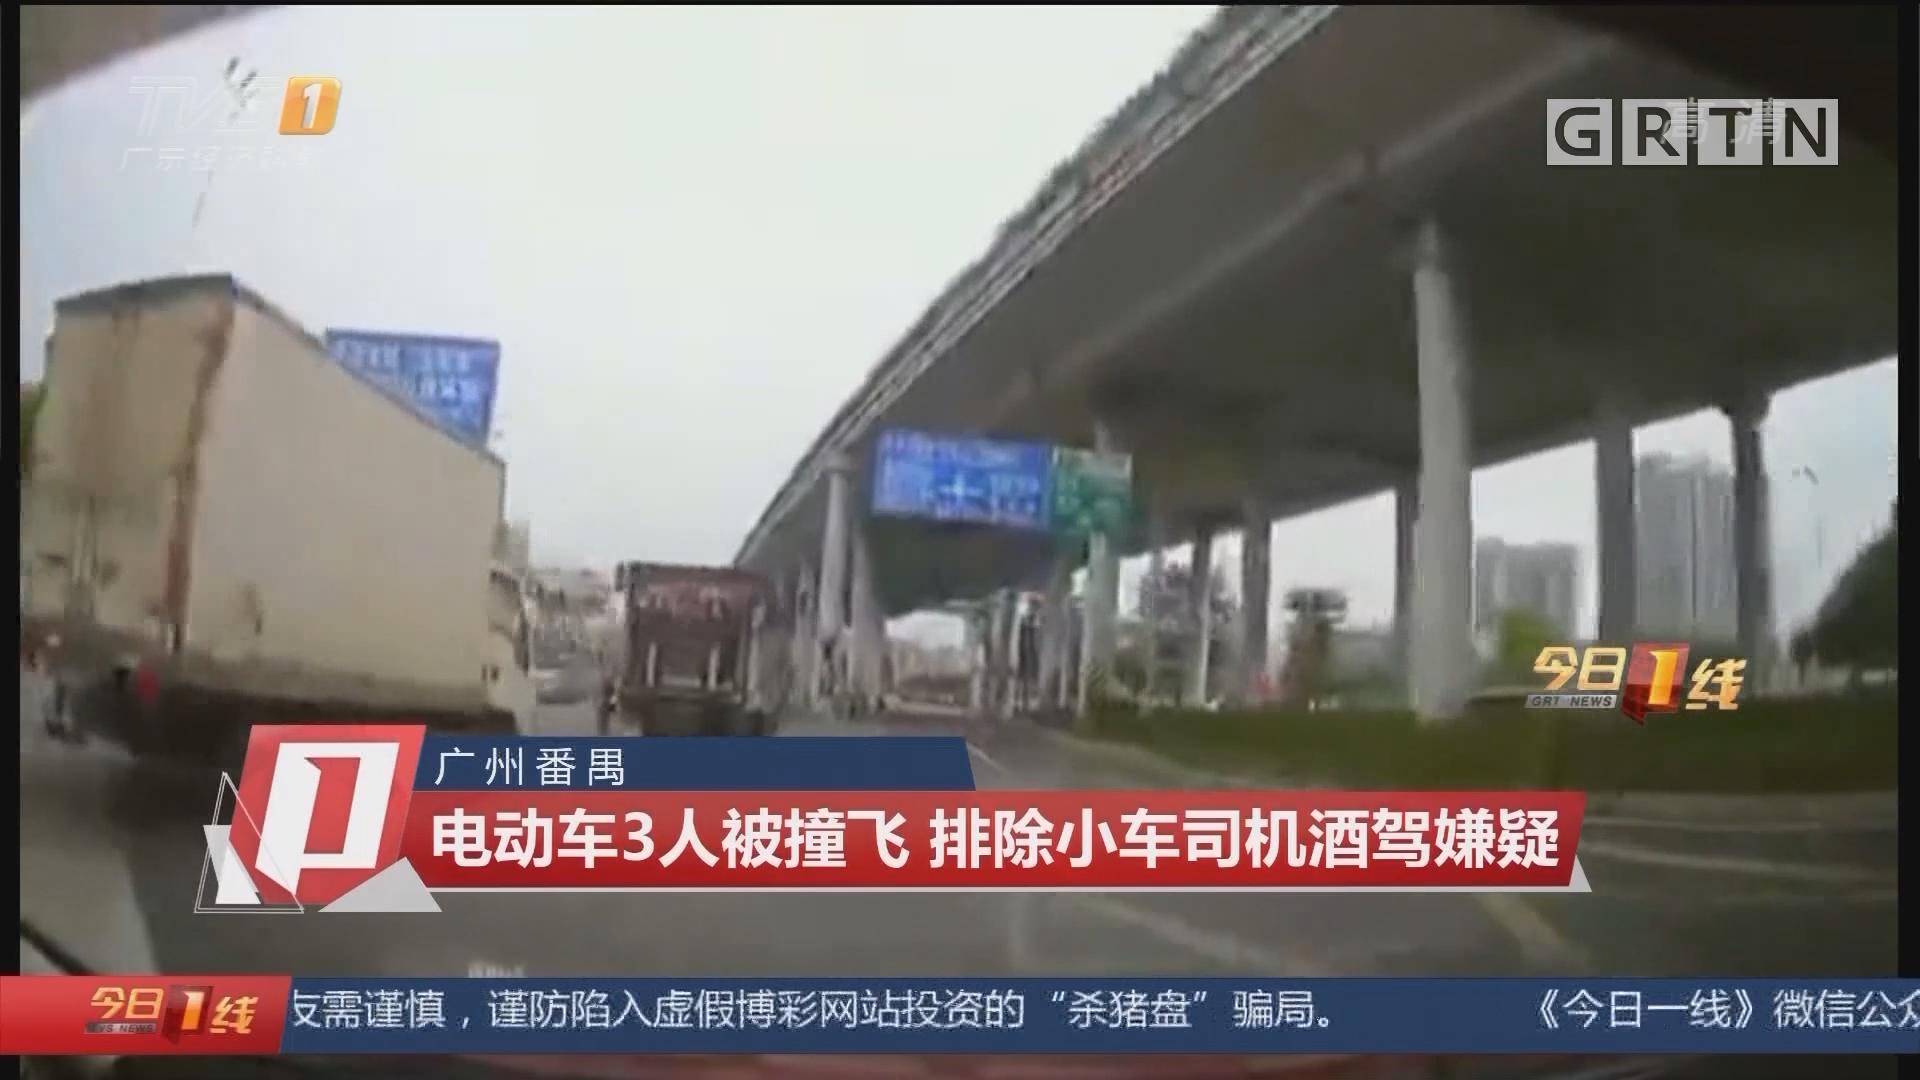 广州番禹:电动车3人被撞飞 排除小车司机酒驾嫌疑